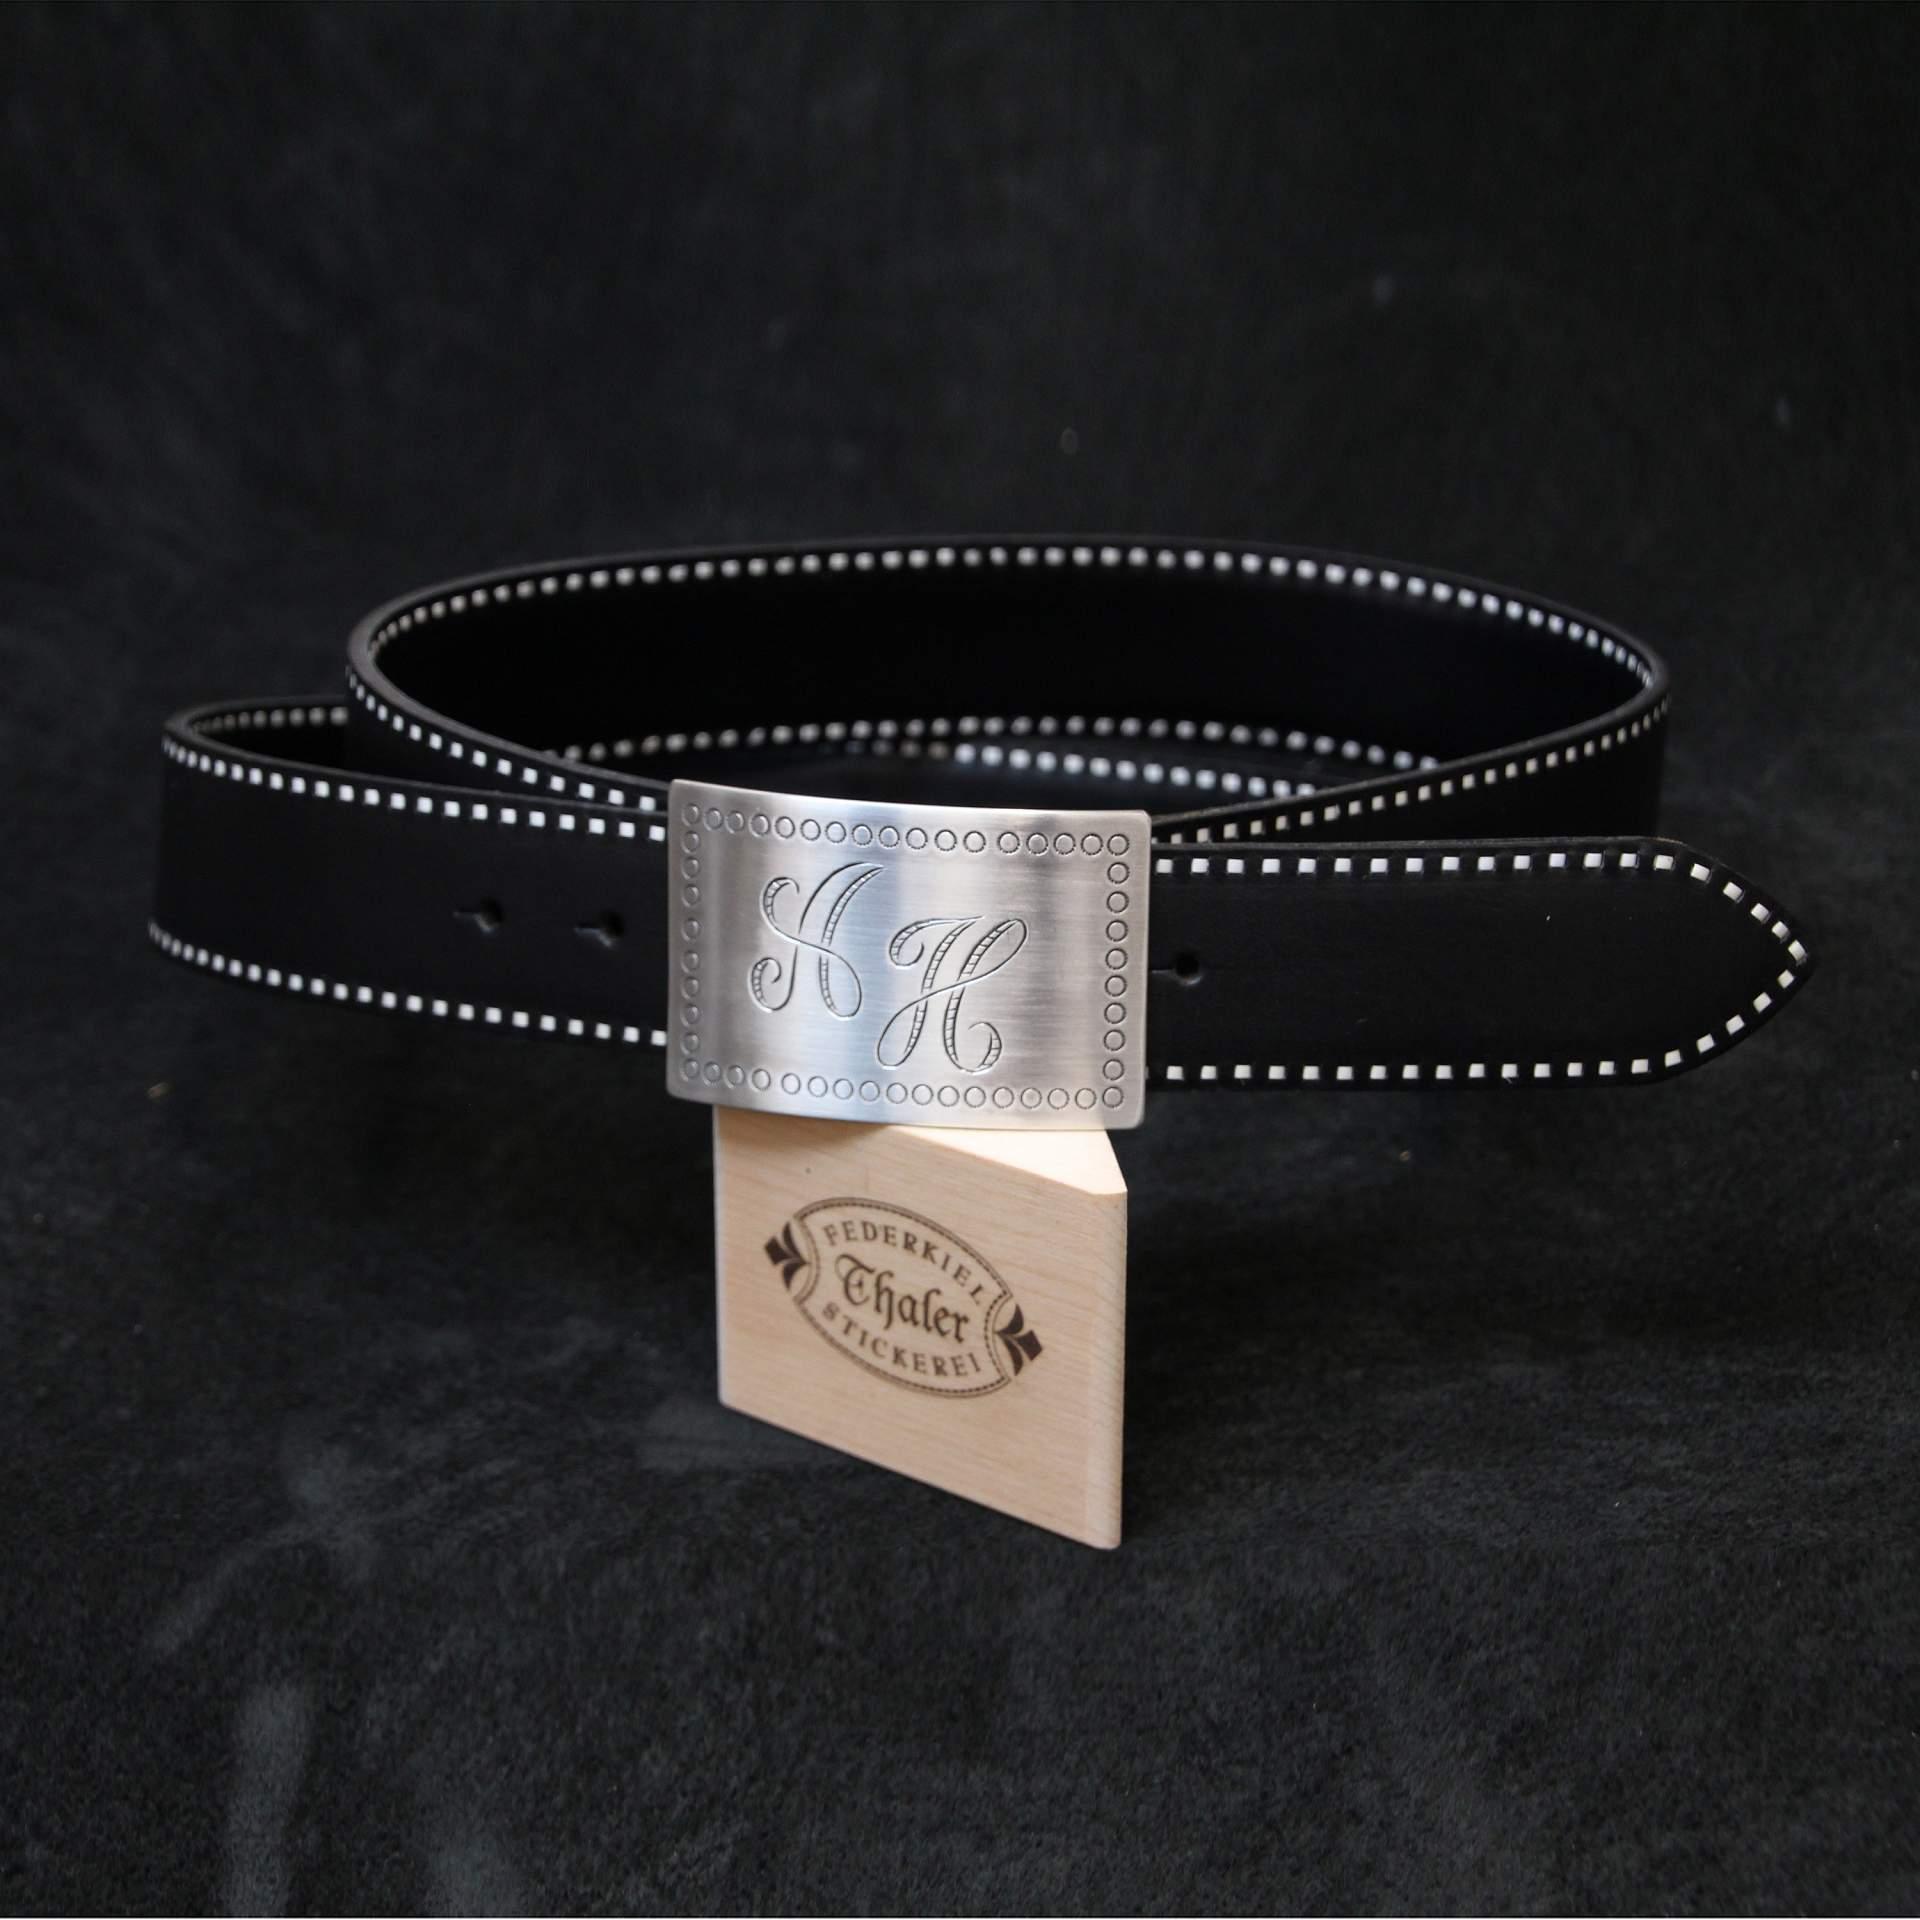 Federkiel-Gürtel 16 mit handgravierter Silberschließe eckig